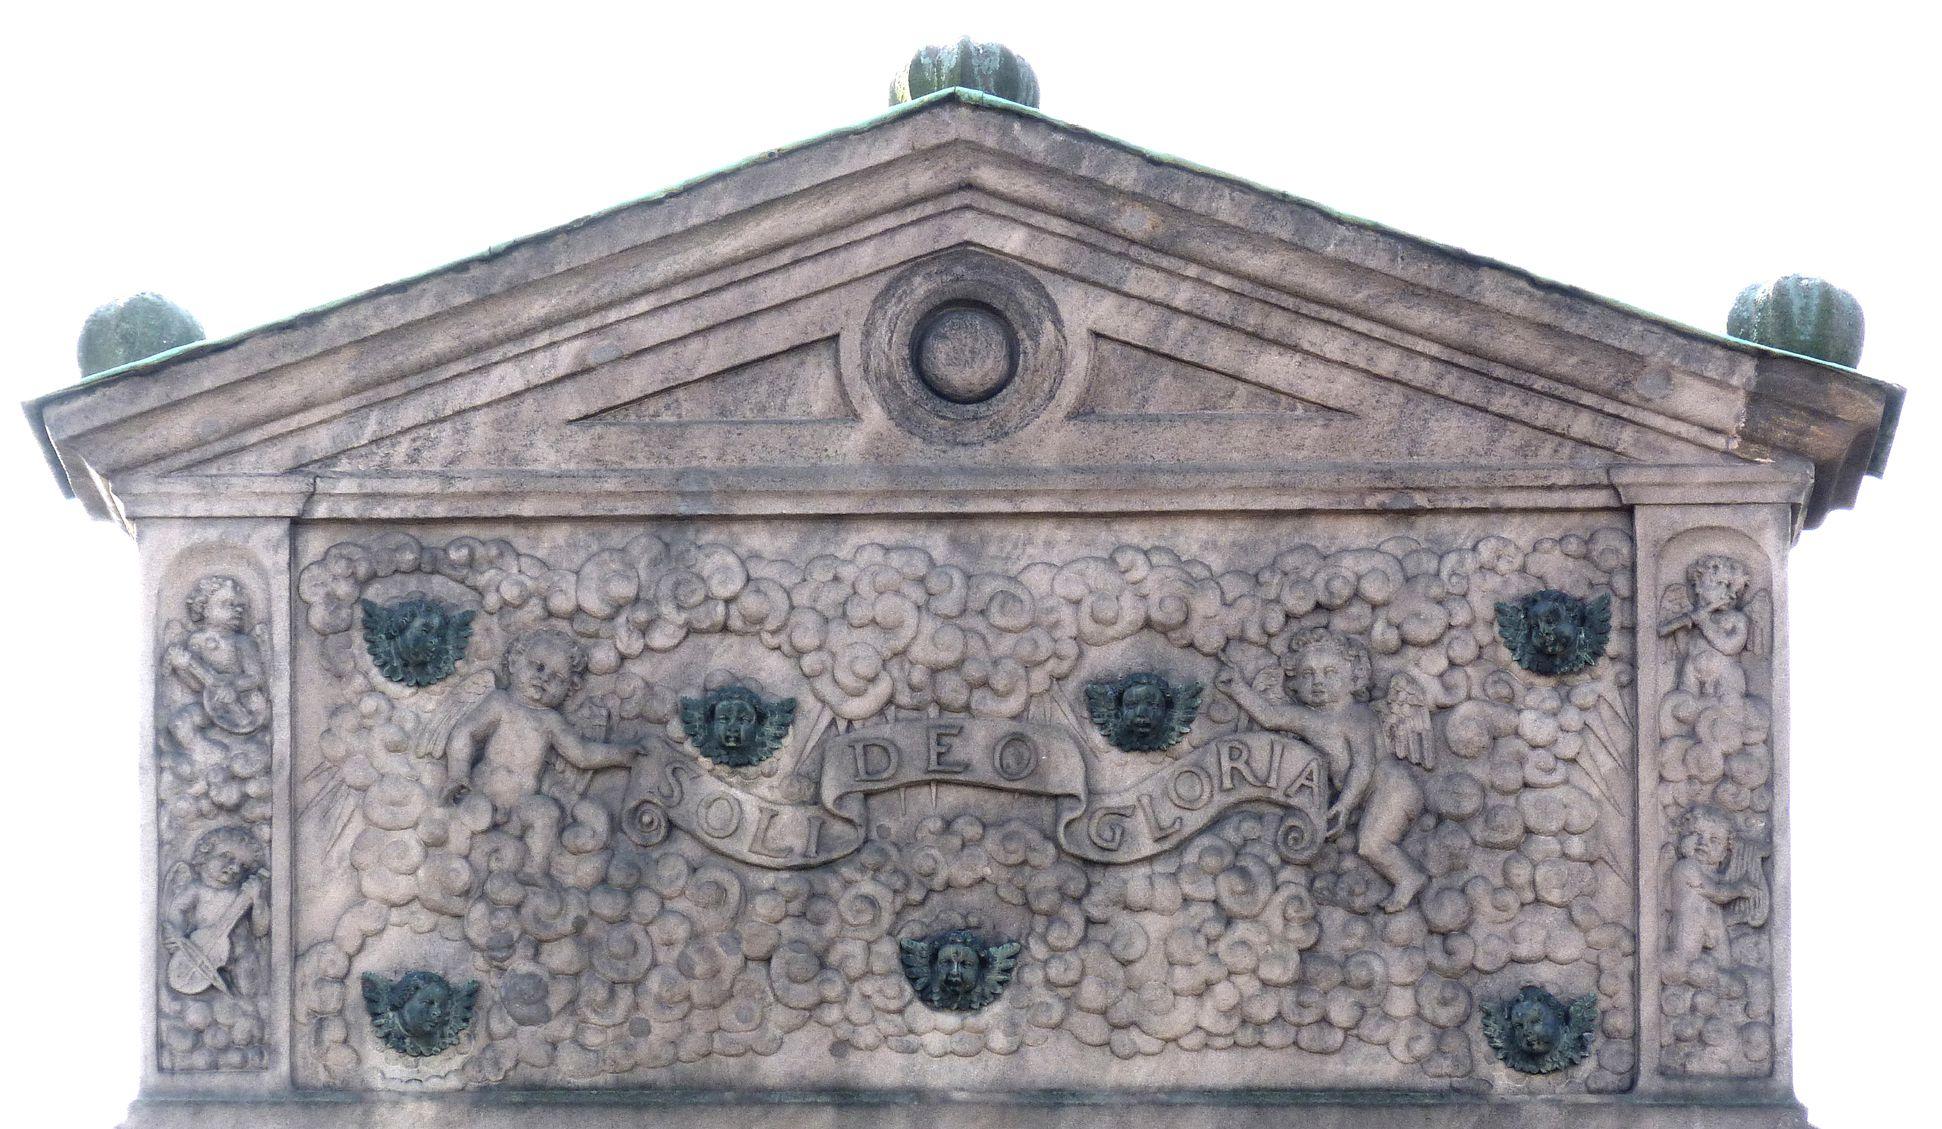 Gedächtnisstein des Wolfgang Münzer Rückansicht, Ädikula mit bronzenen Engelsköpfen und Spruchband